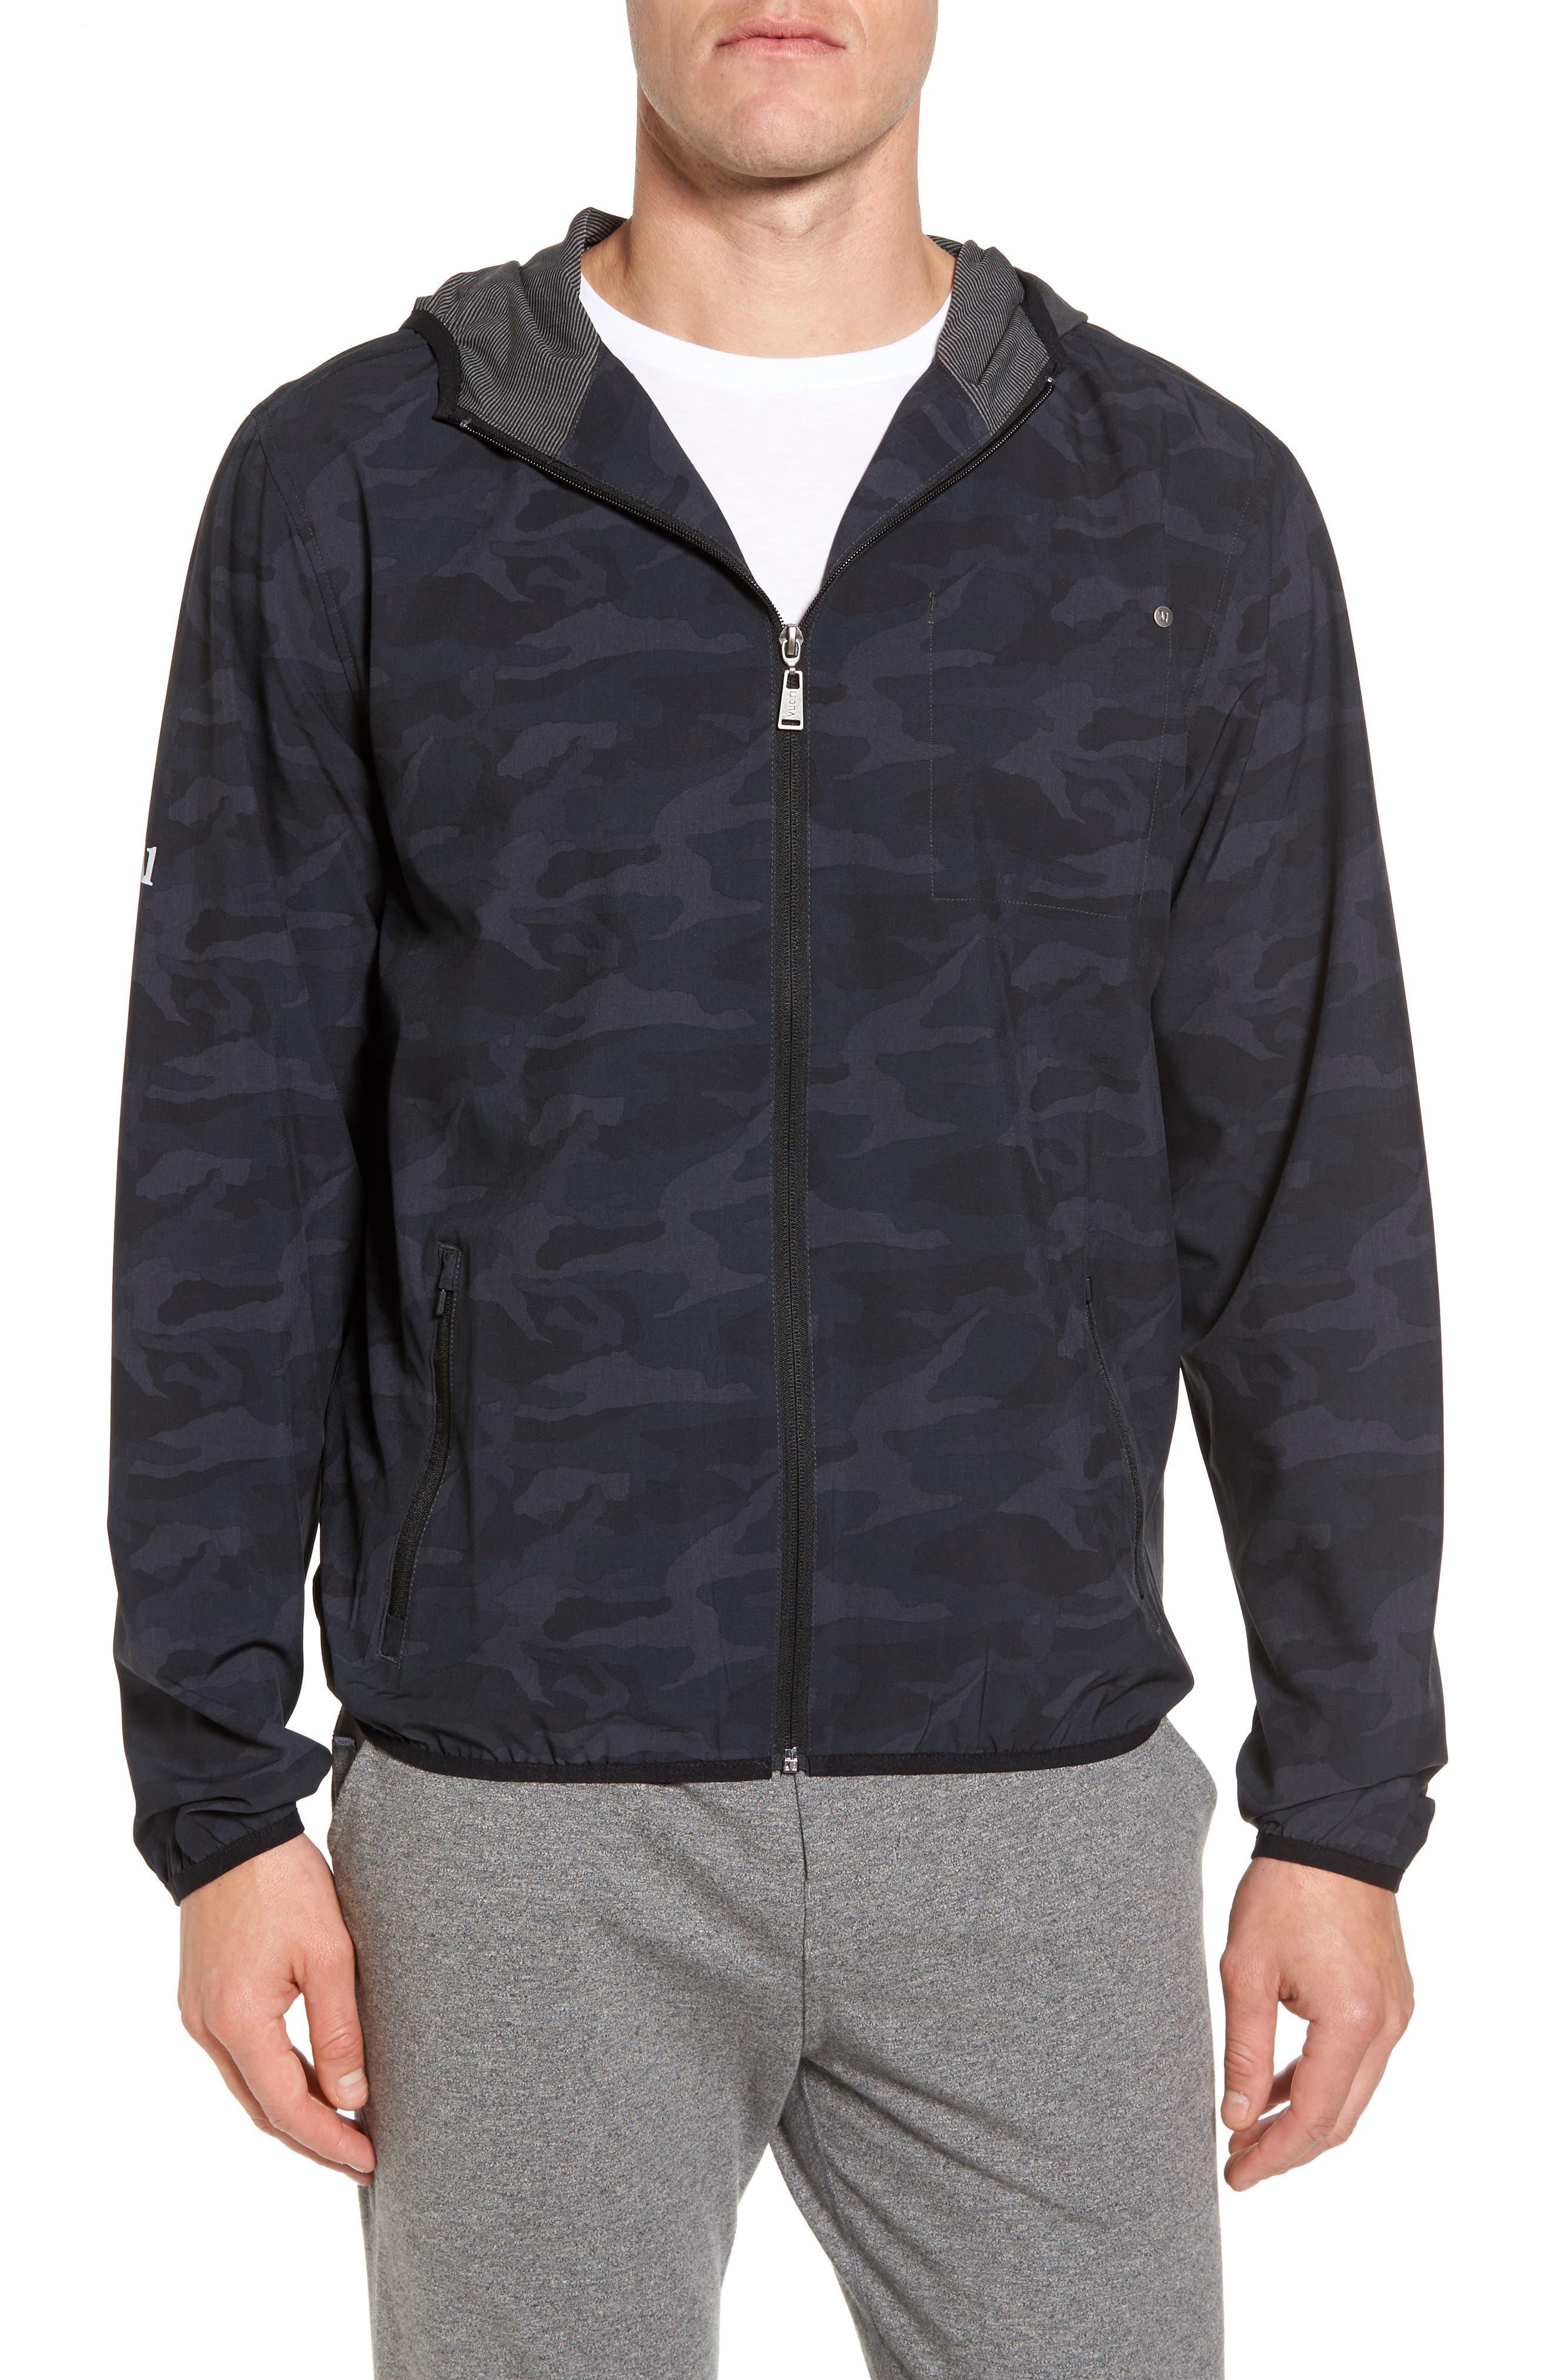 VUORI Outdoor Training Shell Jacket, Main, color, 021